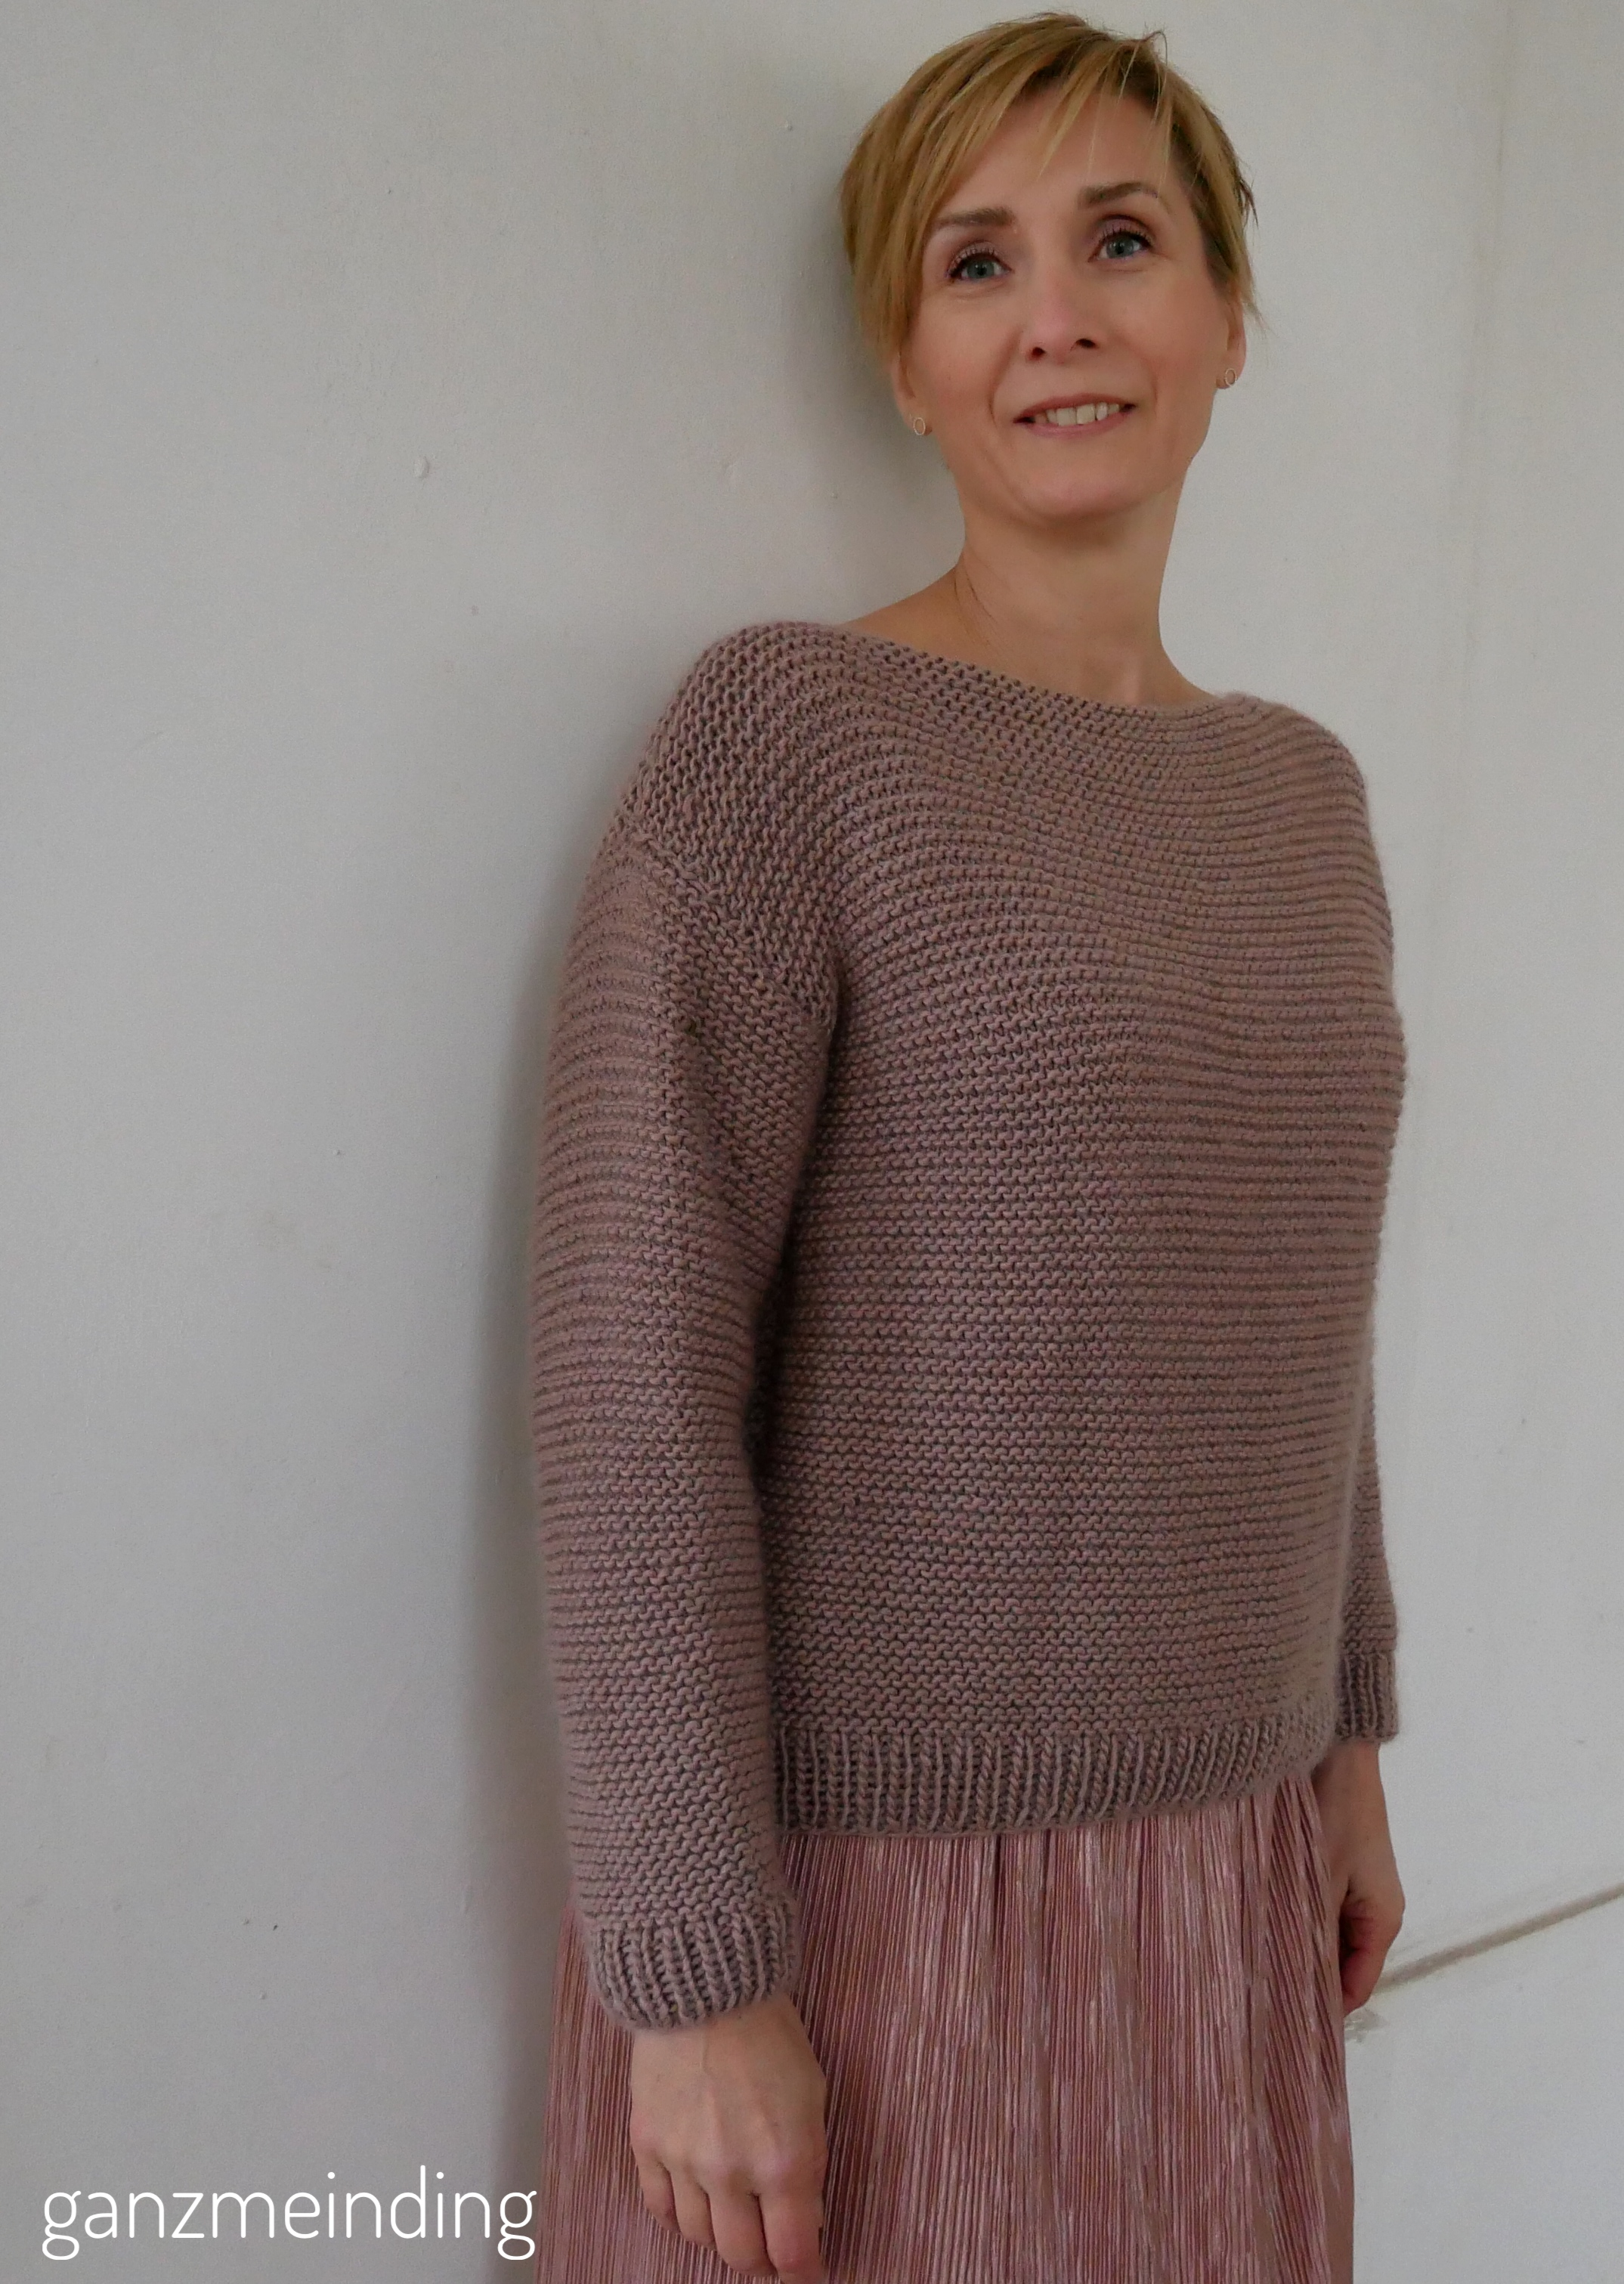 Plisseerock und Dalston Sweater von We are knitters genäht von ganzmeinding 09